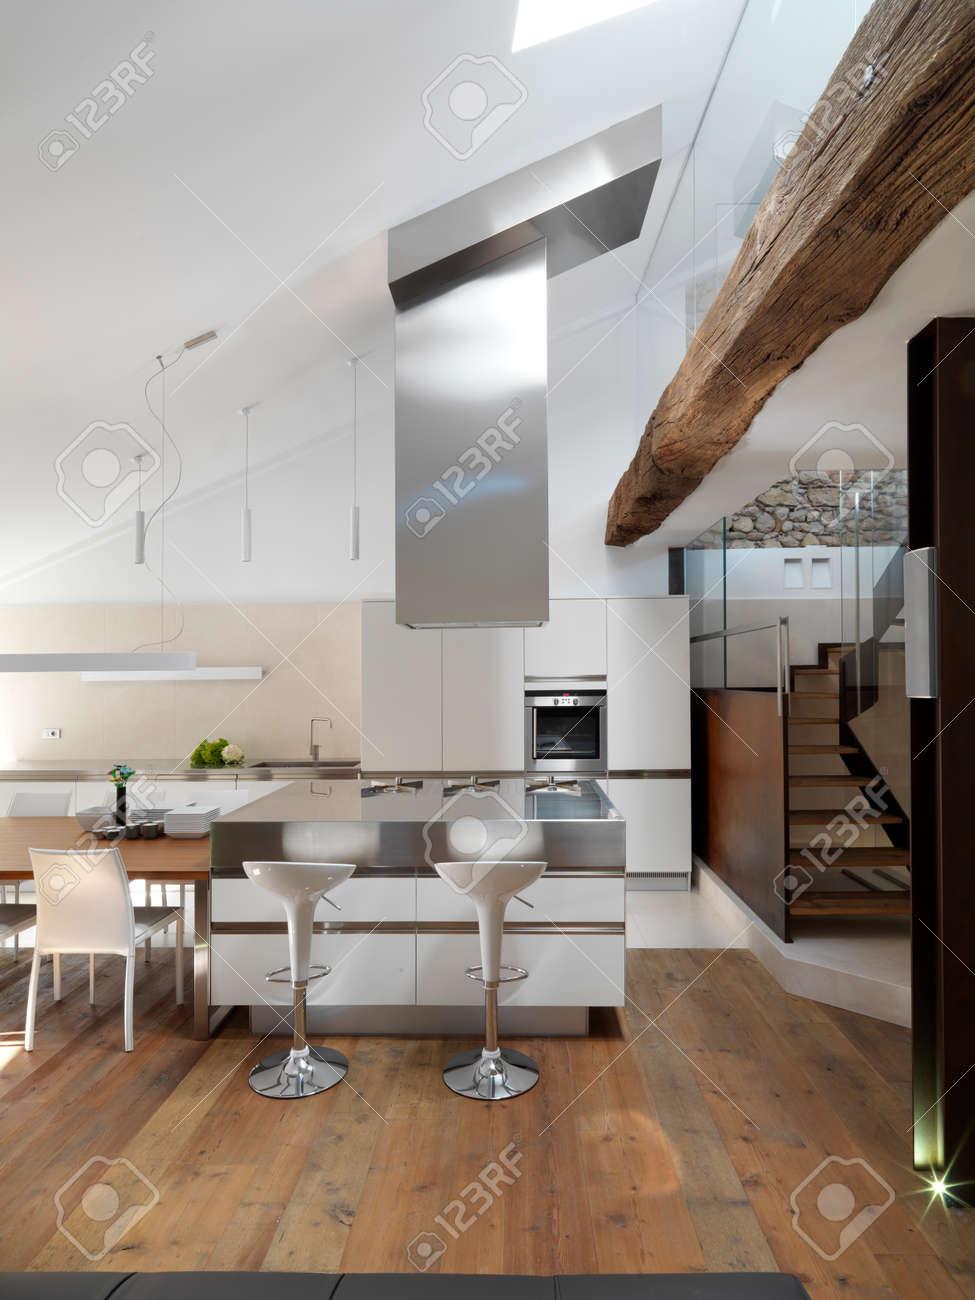 Cucina Moderna Con Dispensa Angolare : Cucina moderna con dispensa ...